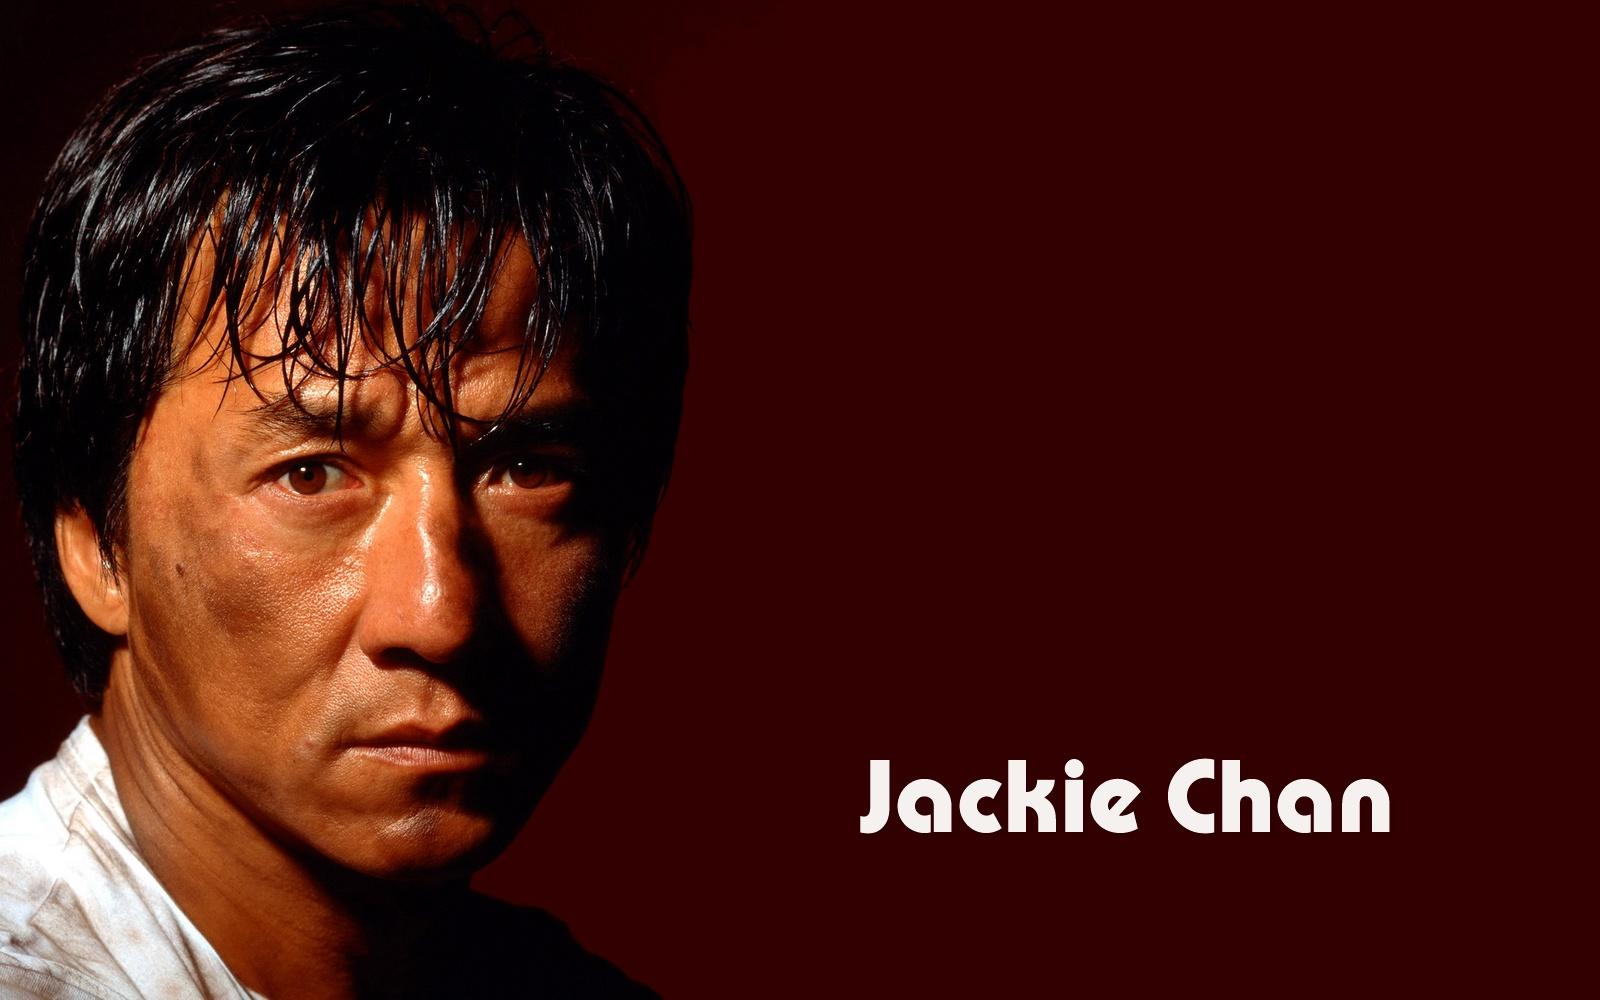 http://2.bp.blogspot.com/-LwxJKDZfr-k/UFjeWgtl0VI/AAAAAAAGB_o/Lavrlno1tuQ/s1600/Jackie%2BChan%2BWallpaper%2B02.jpg